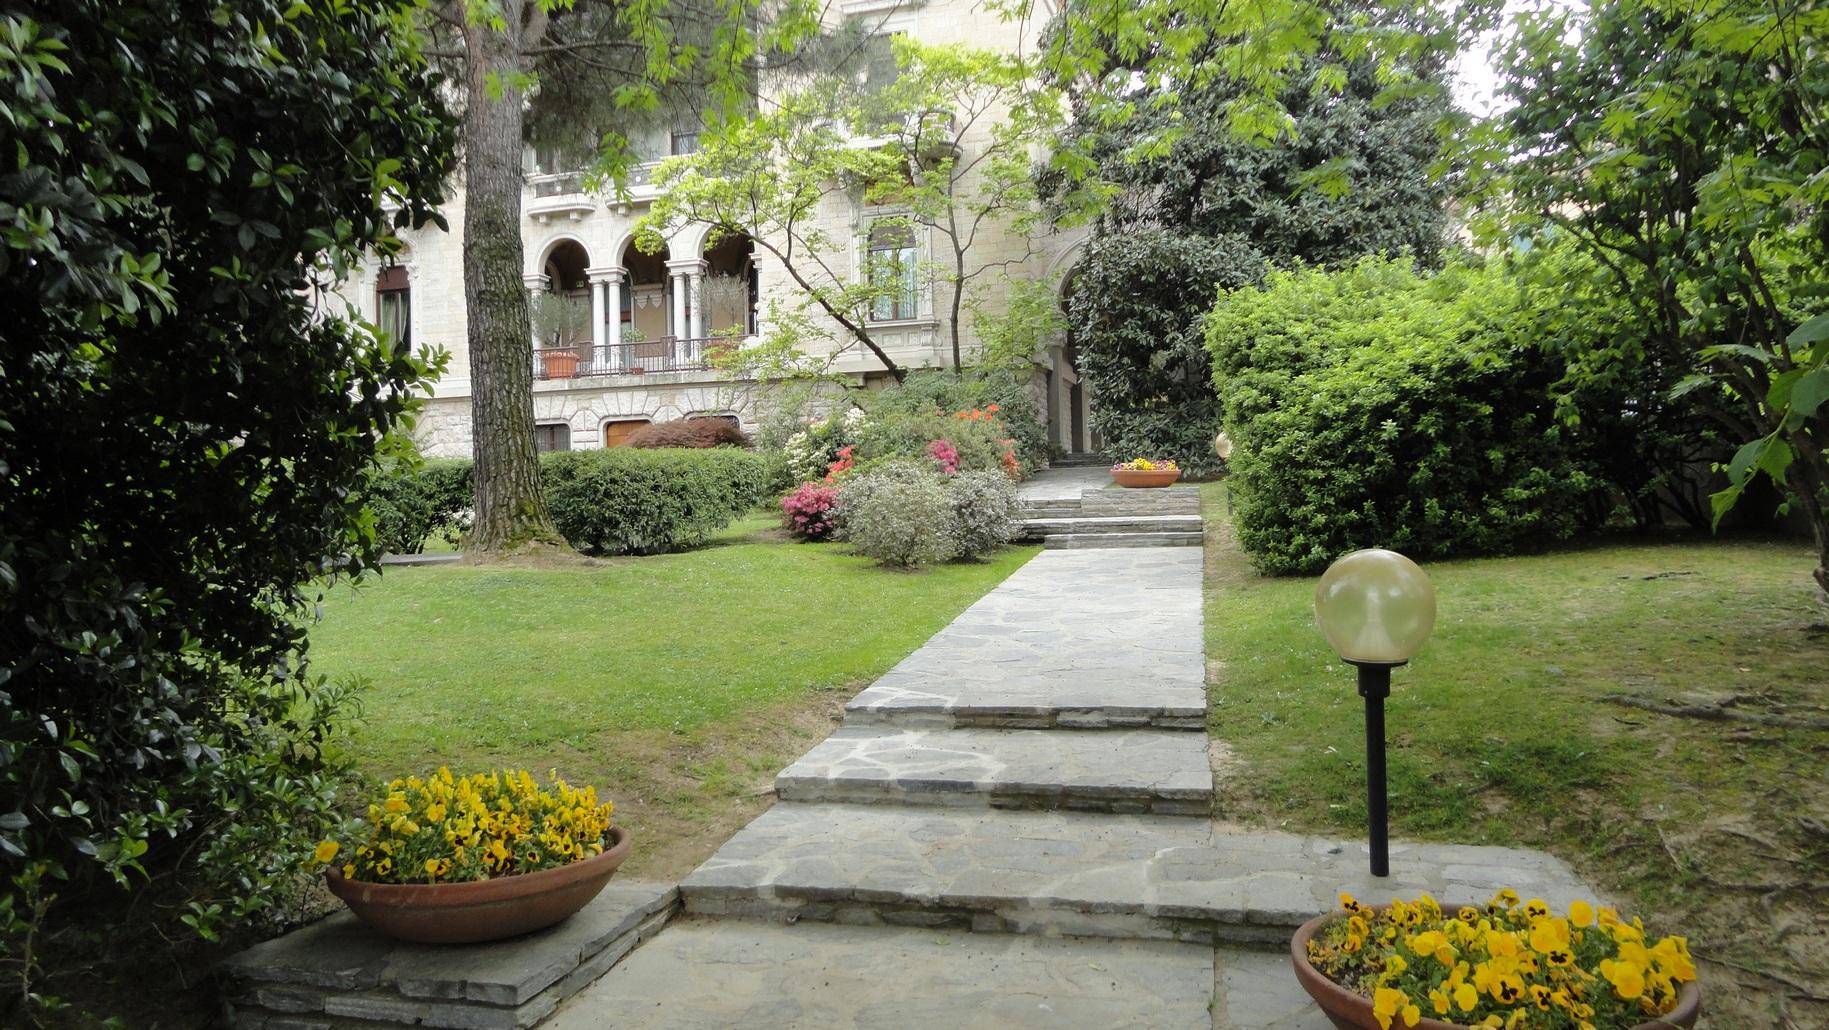 Green Bergamo Italy Amazing Scenery